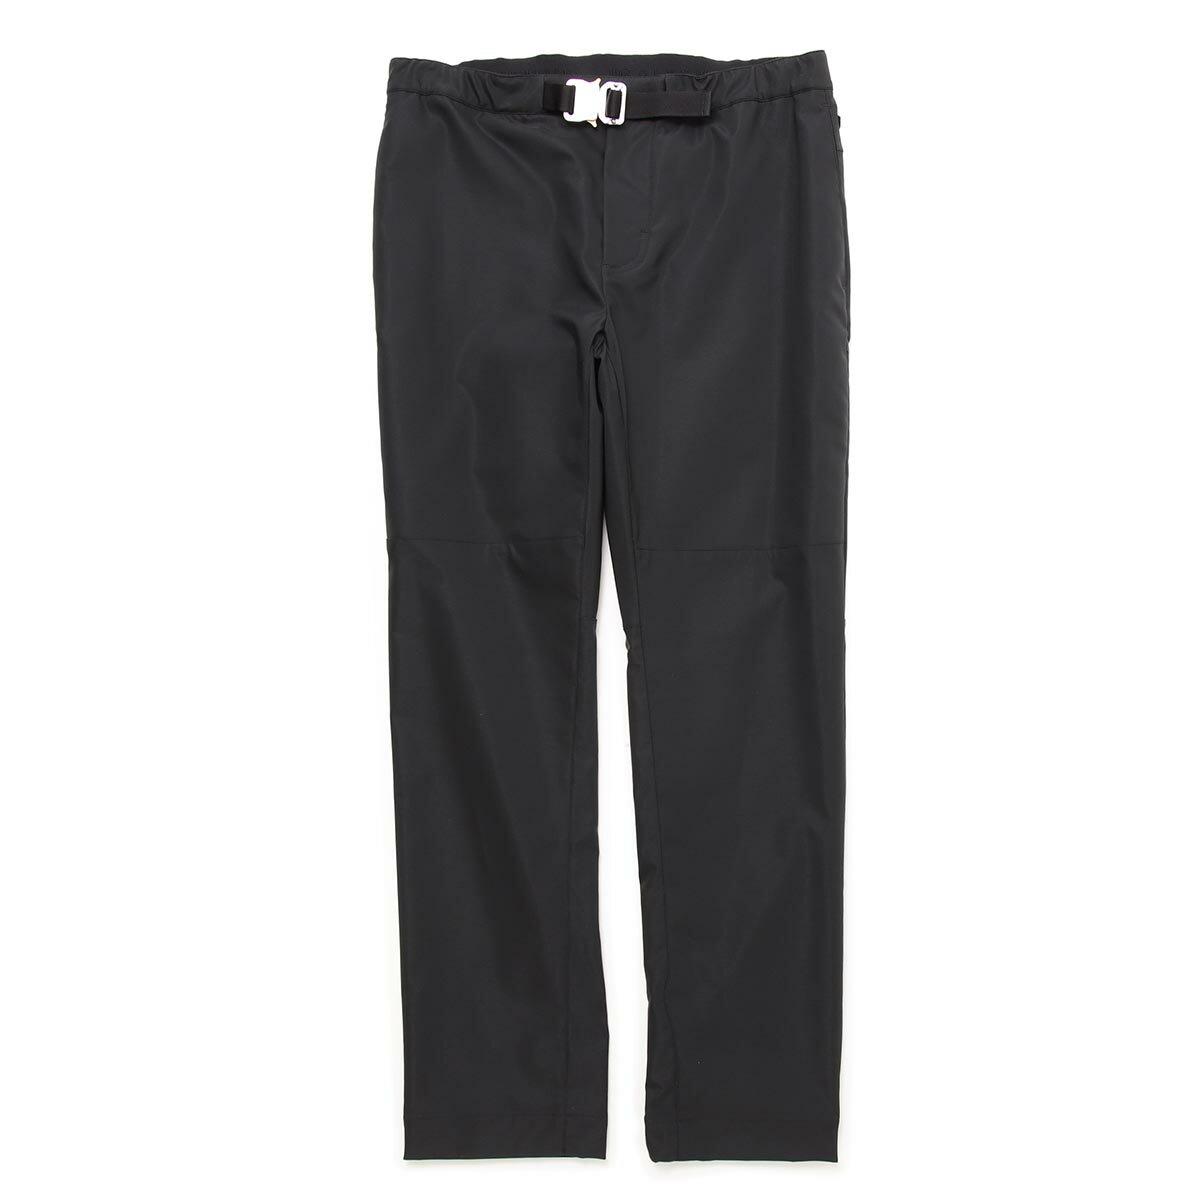 メンズファッション, ズボン・パンツ 1 MONCLER 2a70100 54ad1 999 GENIUS 6 MONCLER 1017 ALYX 9SMoutnew